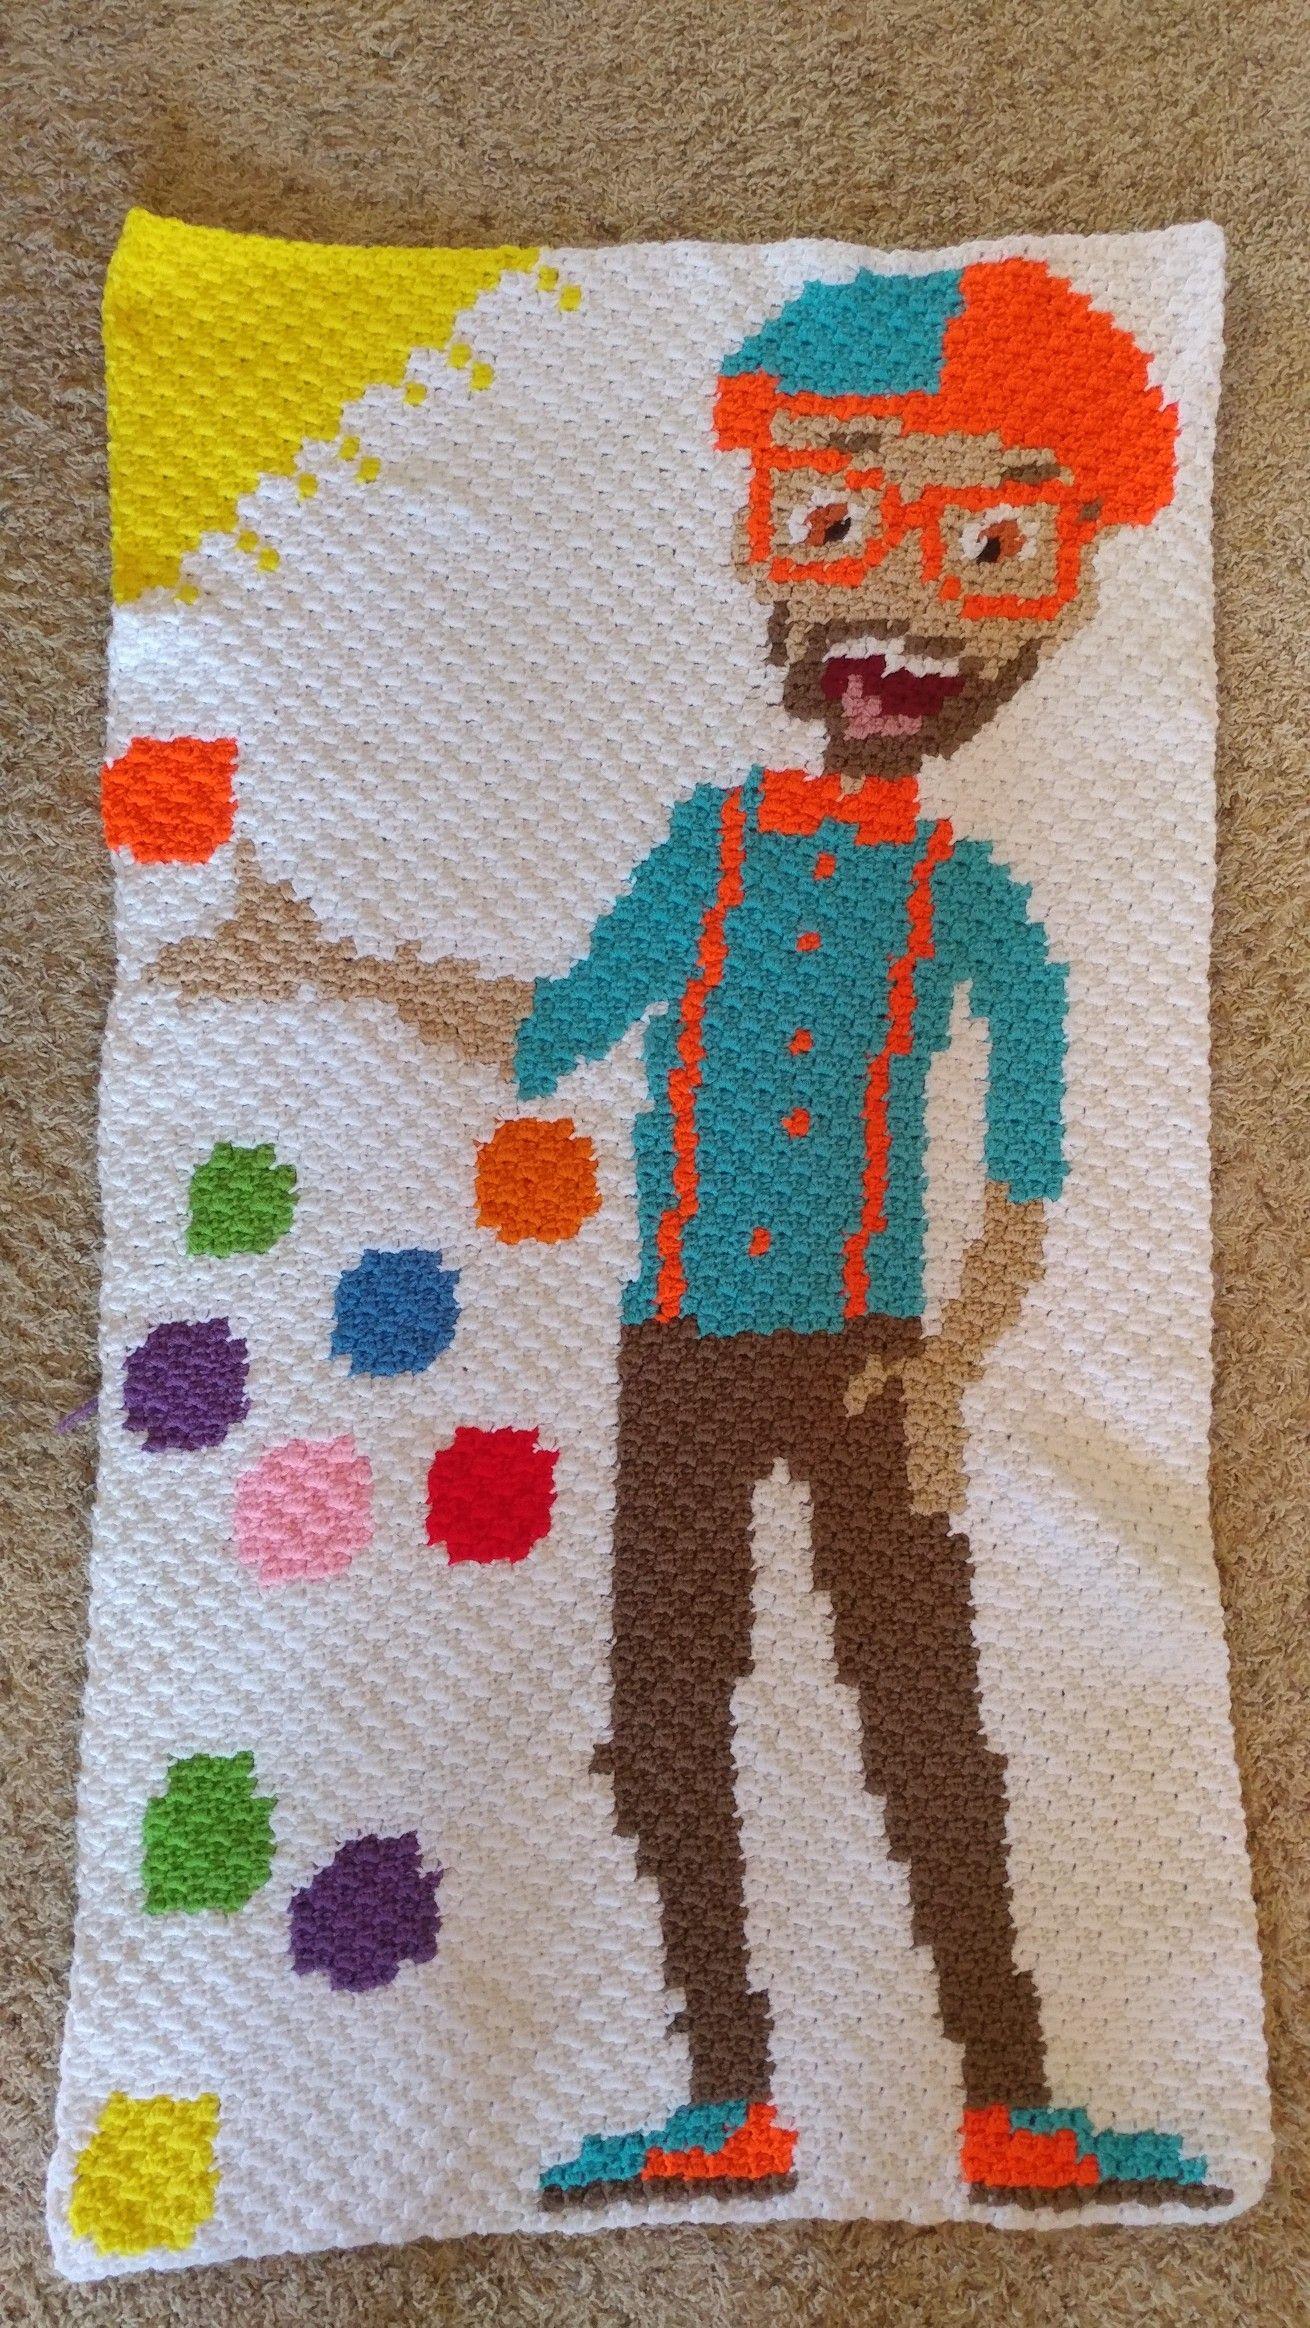 Blippi! 1st C2C design creation. | Crochet | Pinterest